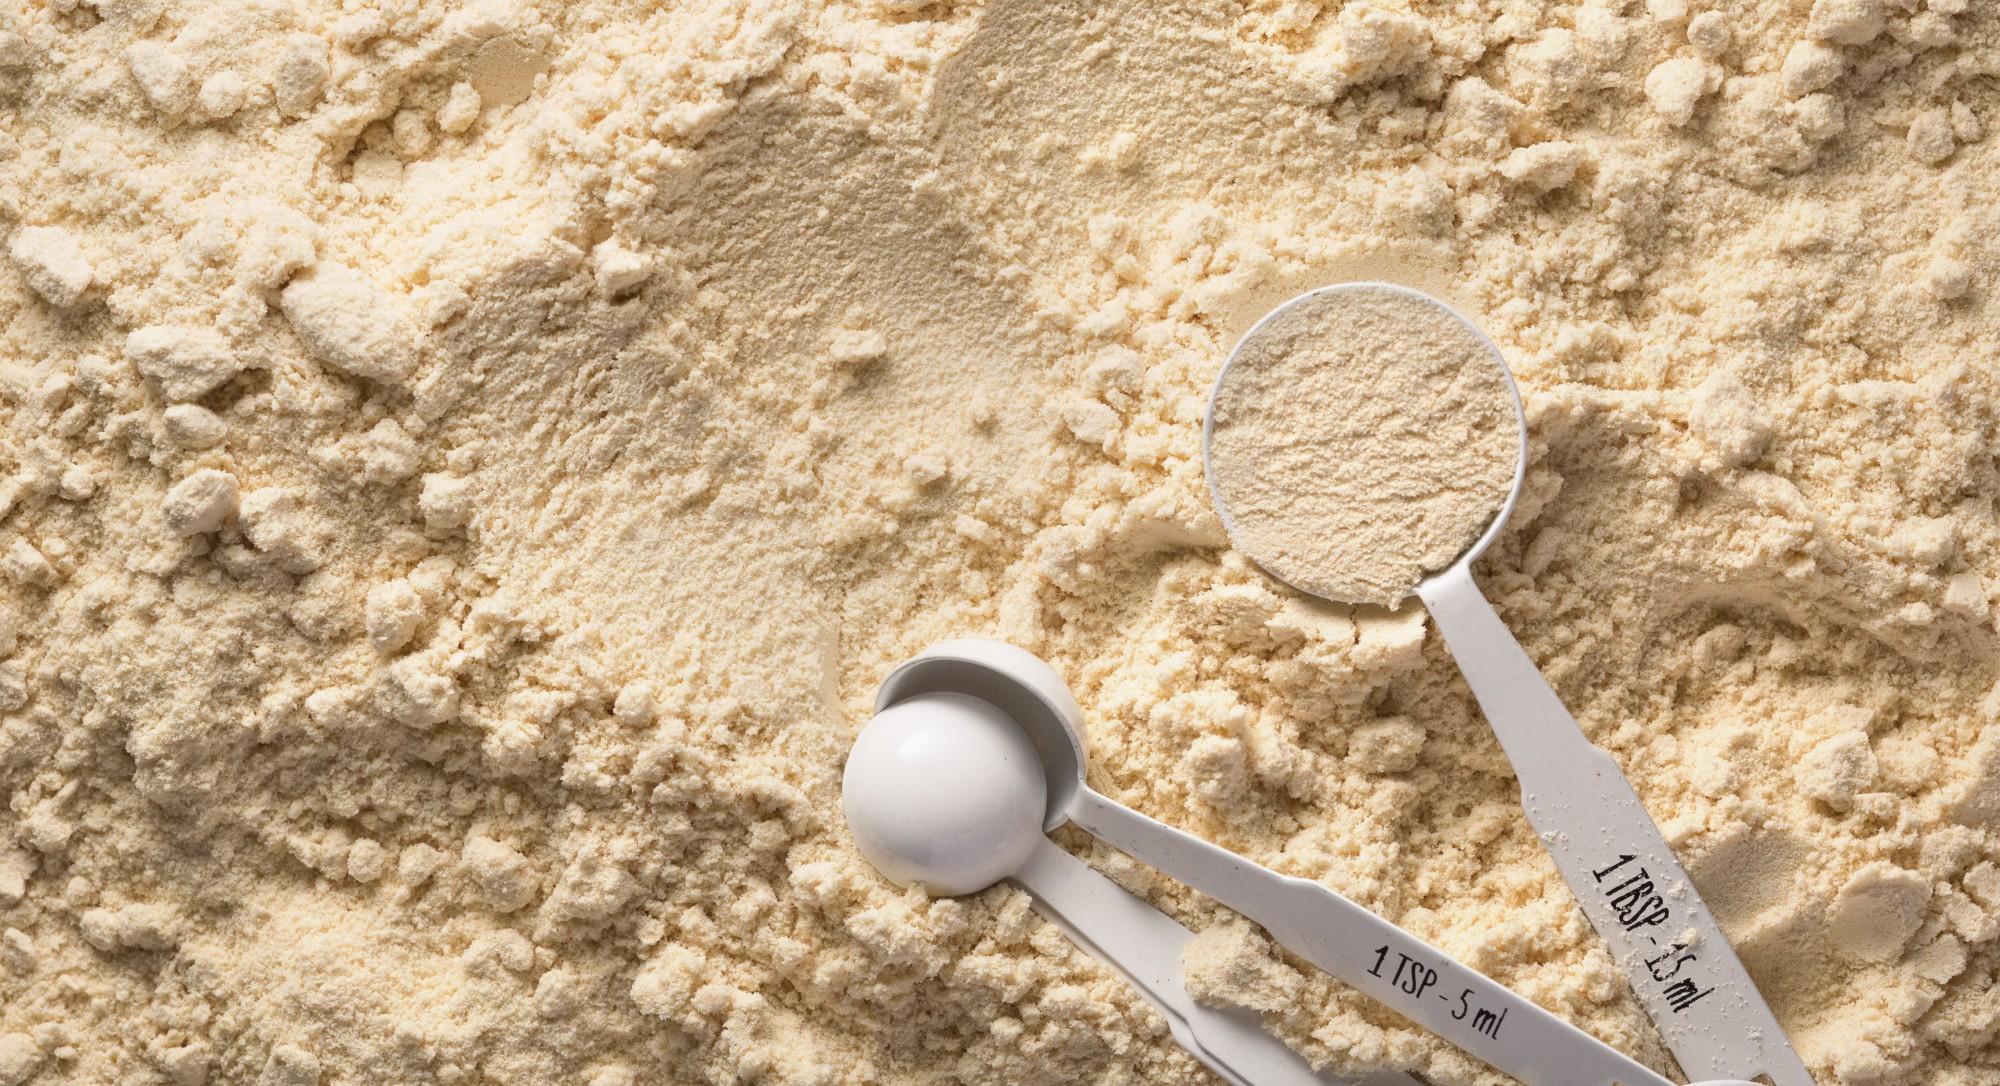 Ingredient of the Week: Coconut Flour, The Ultimate Multitasker